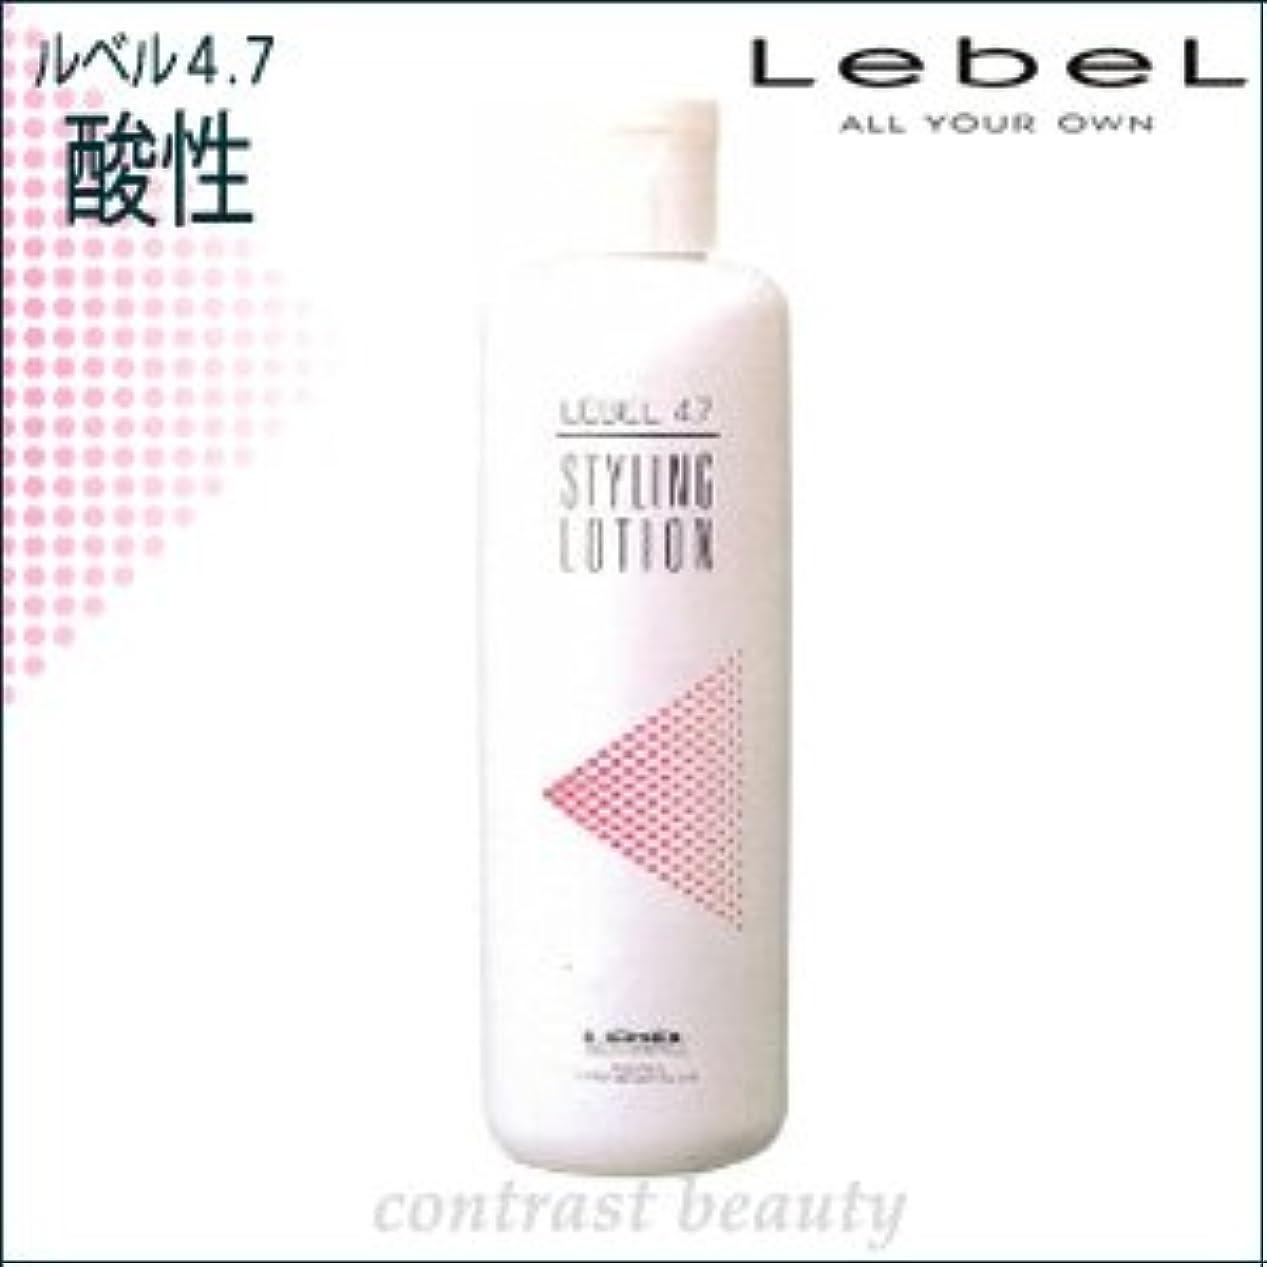 分ビットオゾン【X3個セット】 ルベルコスメティックス/LebeL 4.7酸性 スタイリングローション 400ml